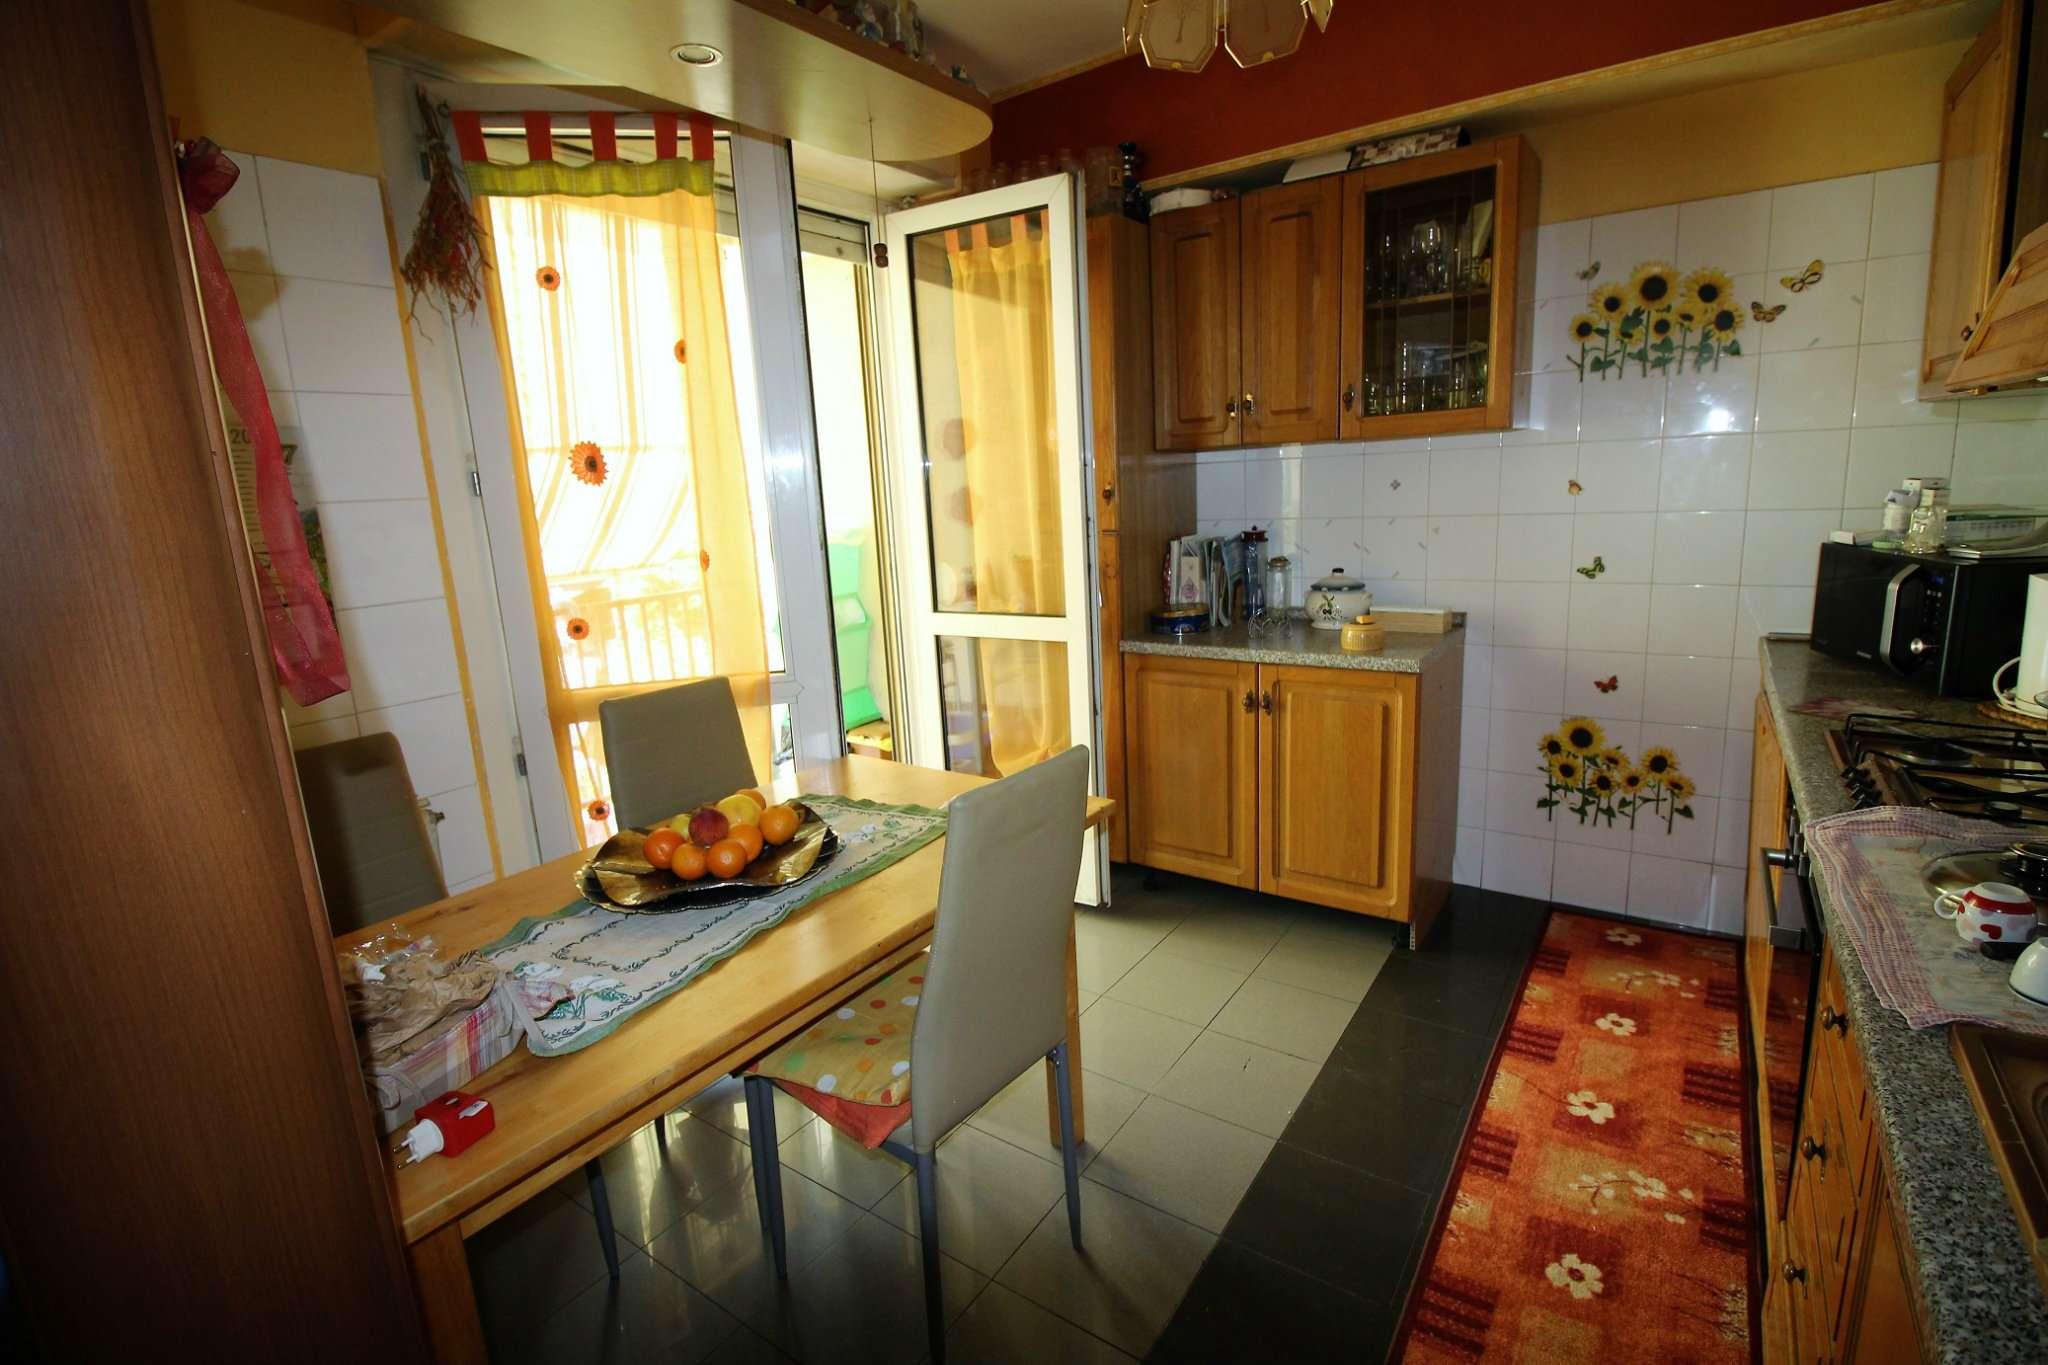 Alpignano Alpignano Vendita APPARTAMENTO » annunci immobiliari, appartamenti in vendita a torino